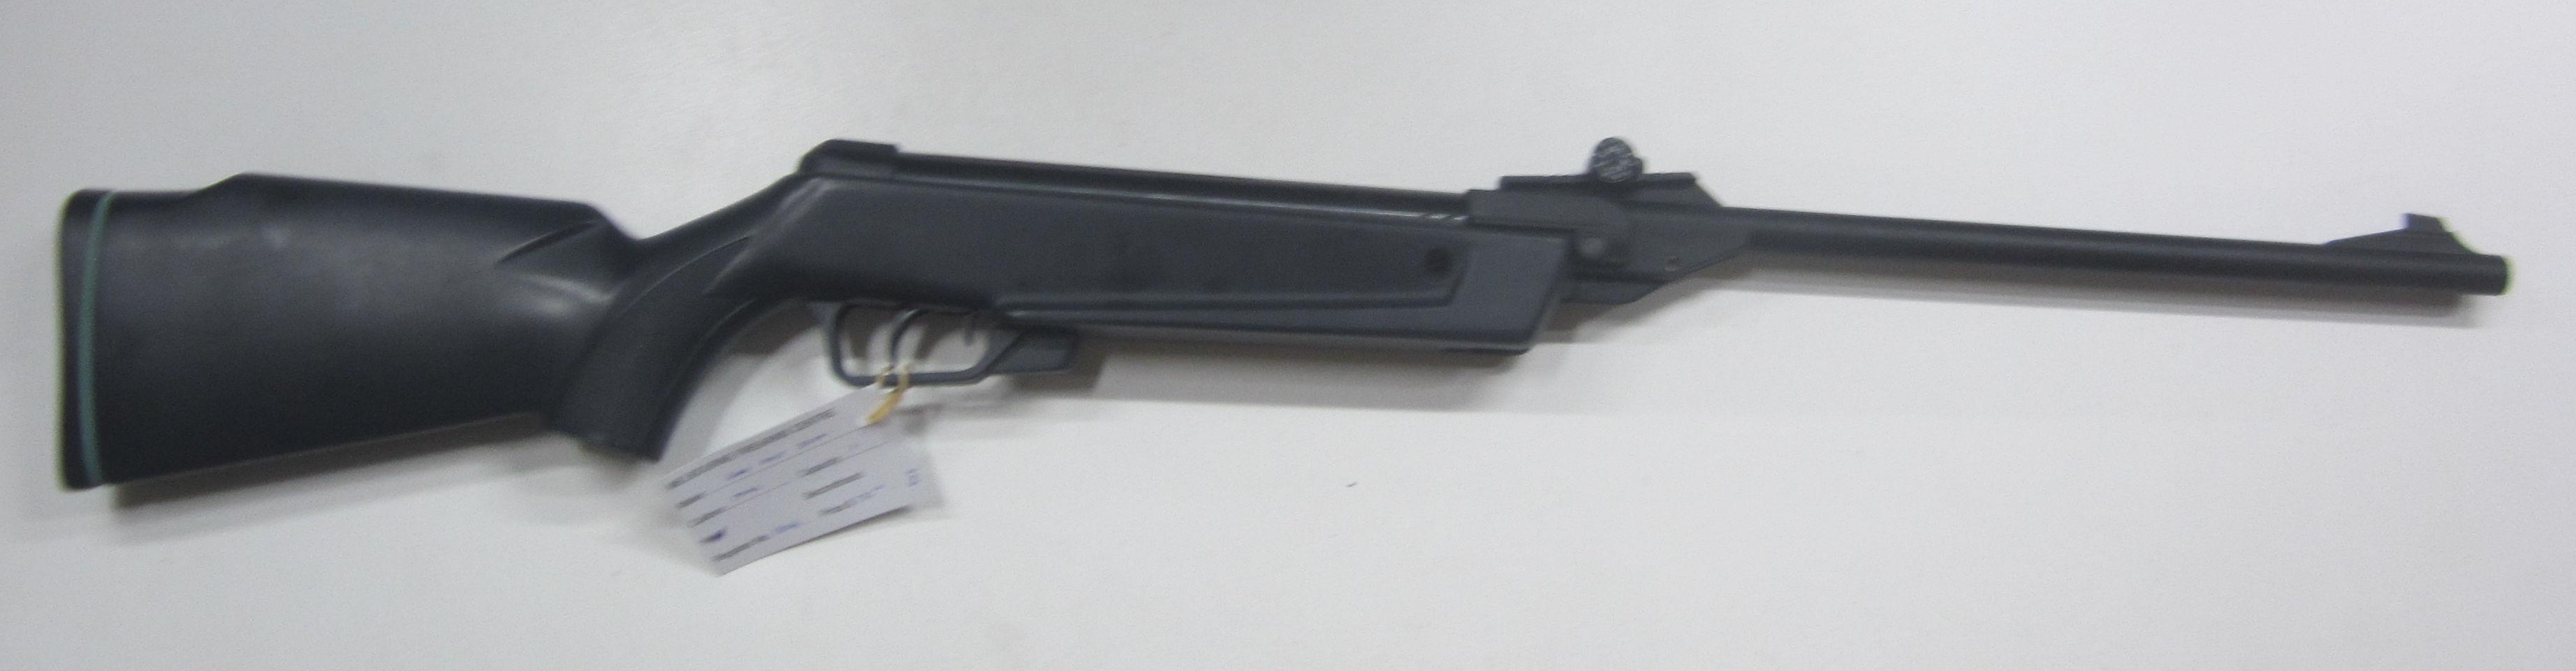 second hand firearms-shotguns-sporting rifles-rifles-centre fire